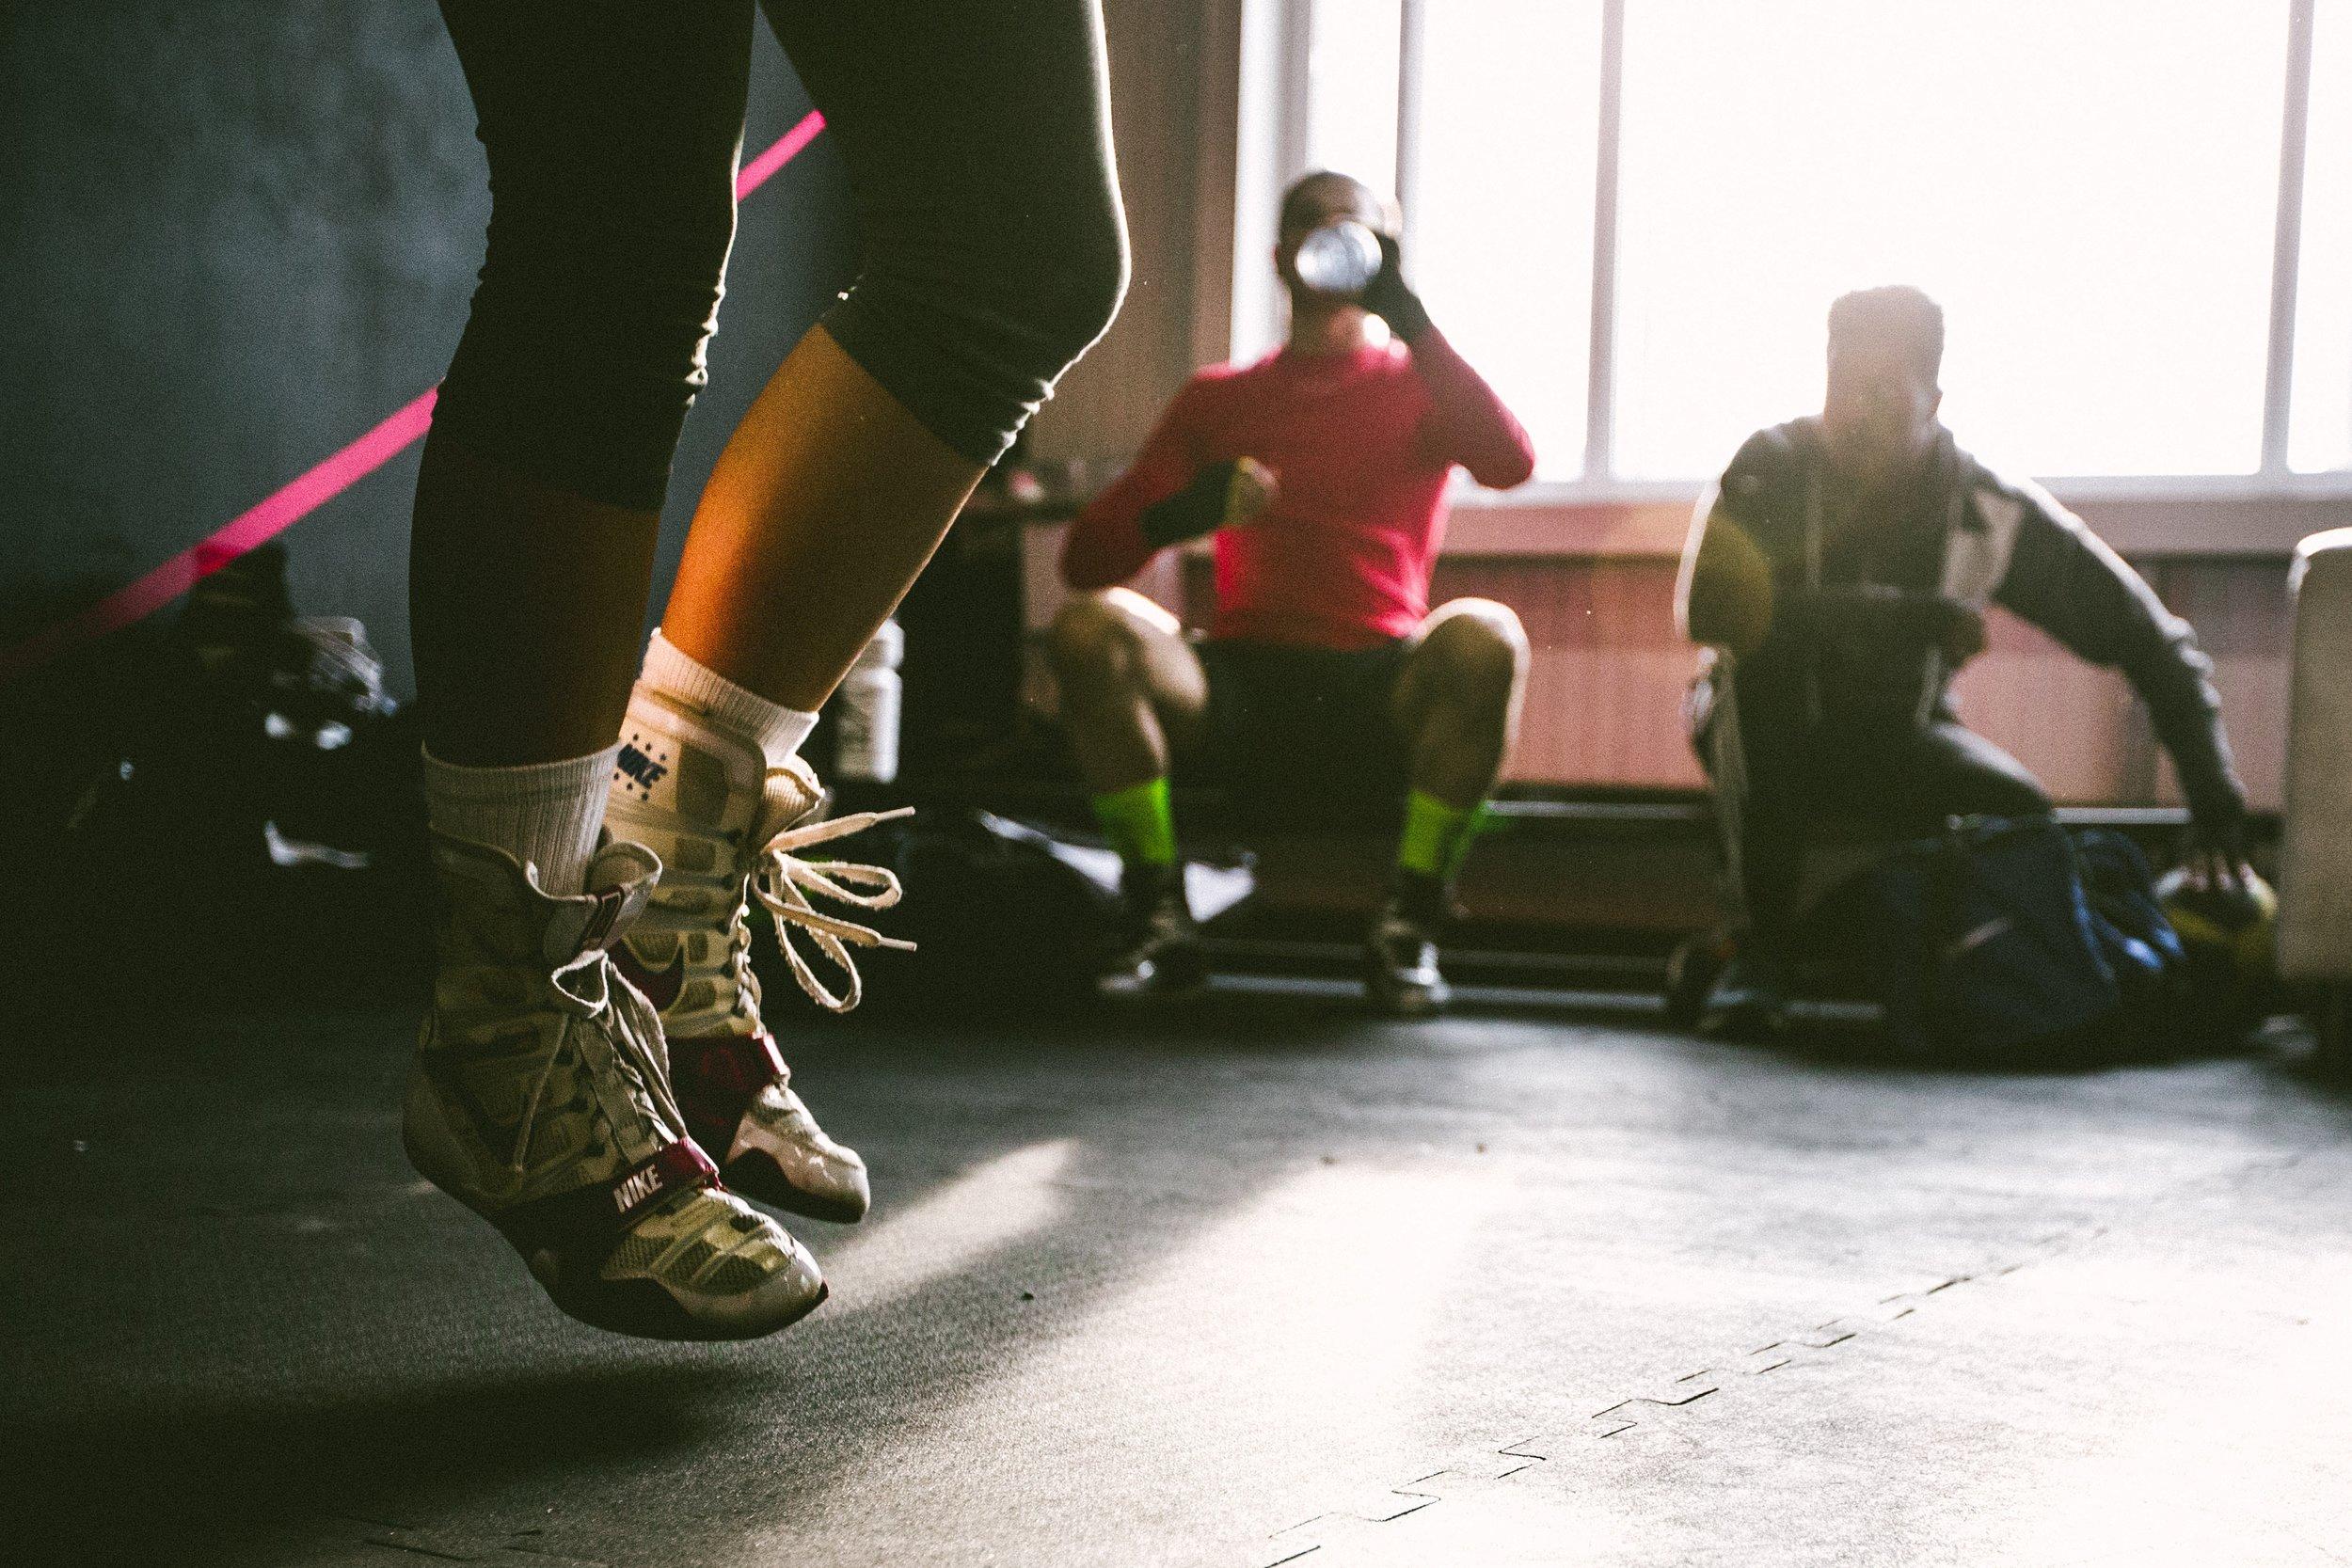 fitnessmyths-healthandwellness-gym.jpg